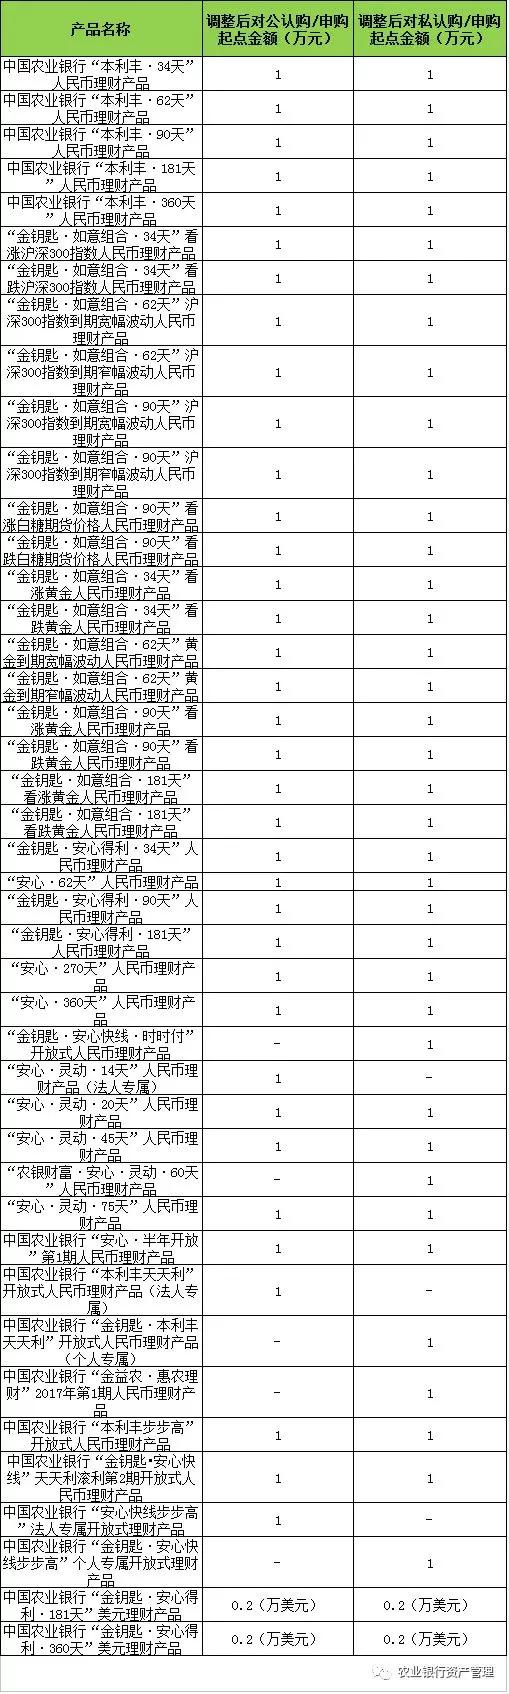 9月28日周五,中国银保监会发布《商业银行理财业务监督管理办法》(下称《办法》)。新规延续了对资金池、期限错配行为的约束,但在借道公募基金投资股票等方面,给予松绑。新规给银行的过渡期截止日为2020年12月31日。